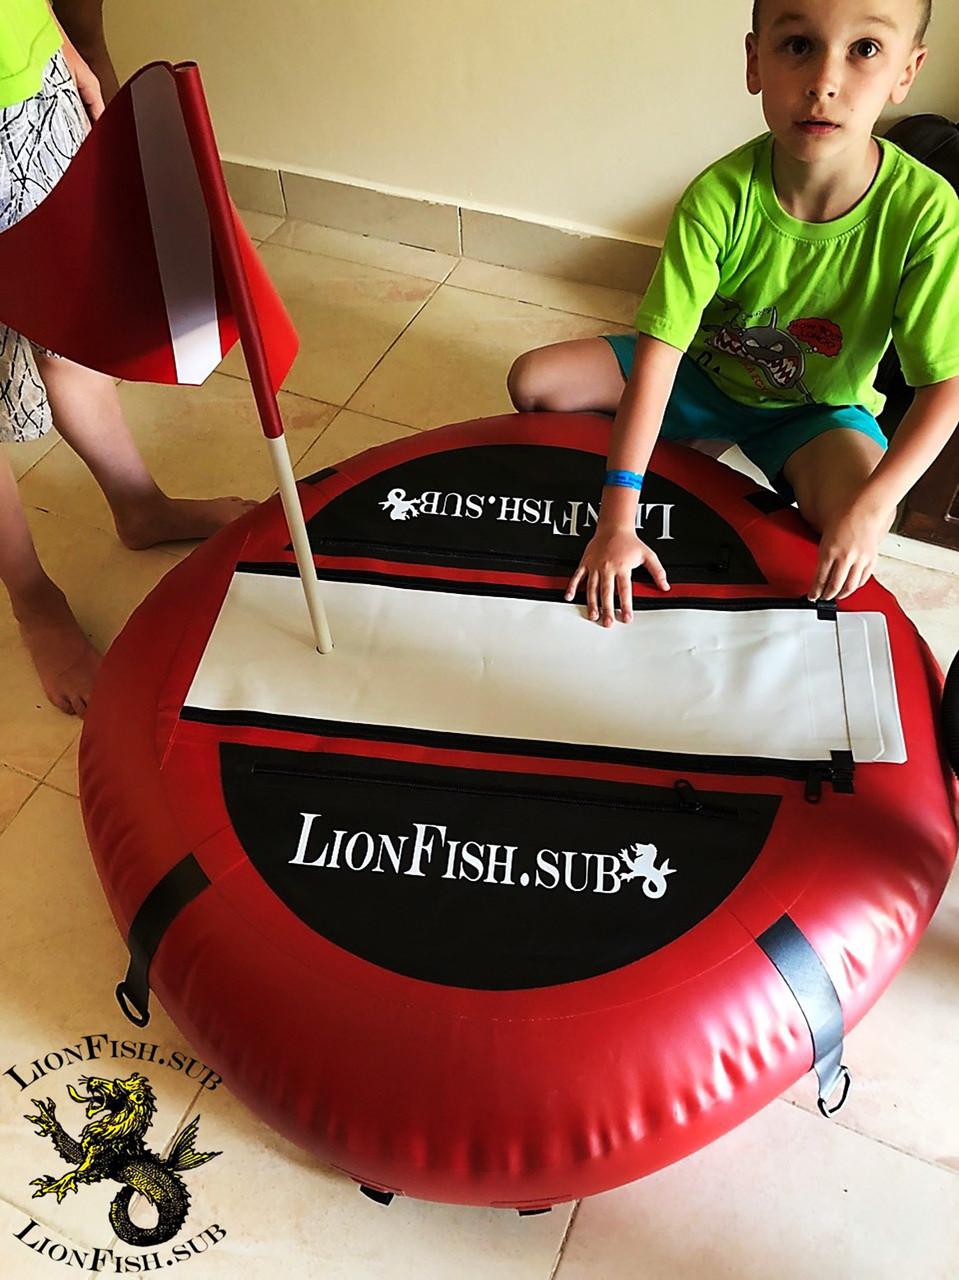 Буй для Фридайвинга и Подводной Охоты Freedaiv LionFish.sub